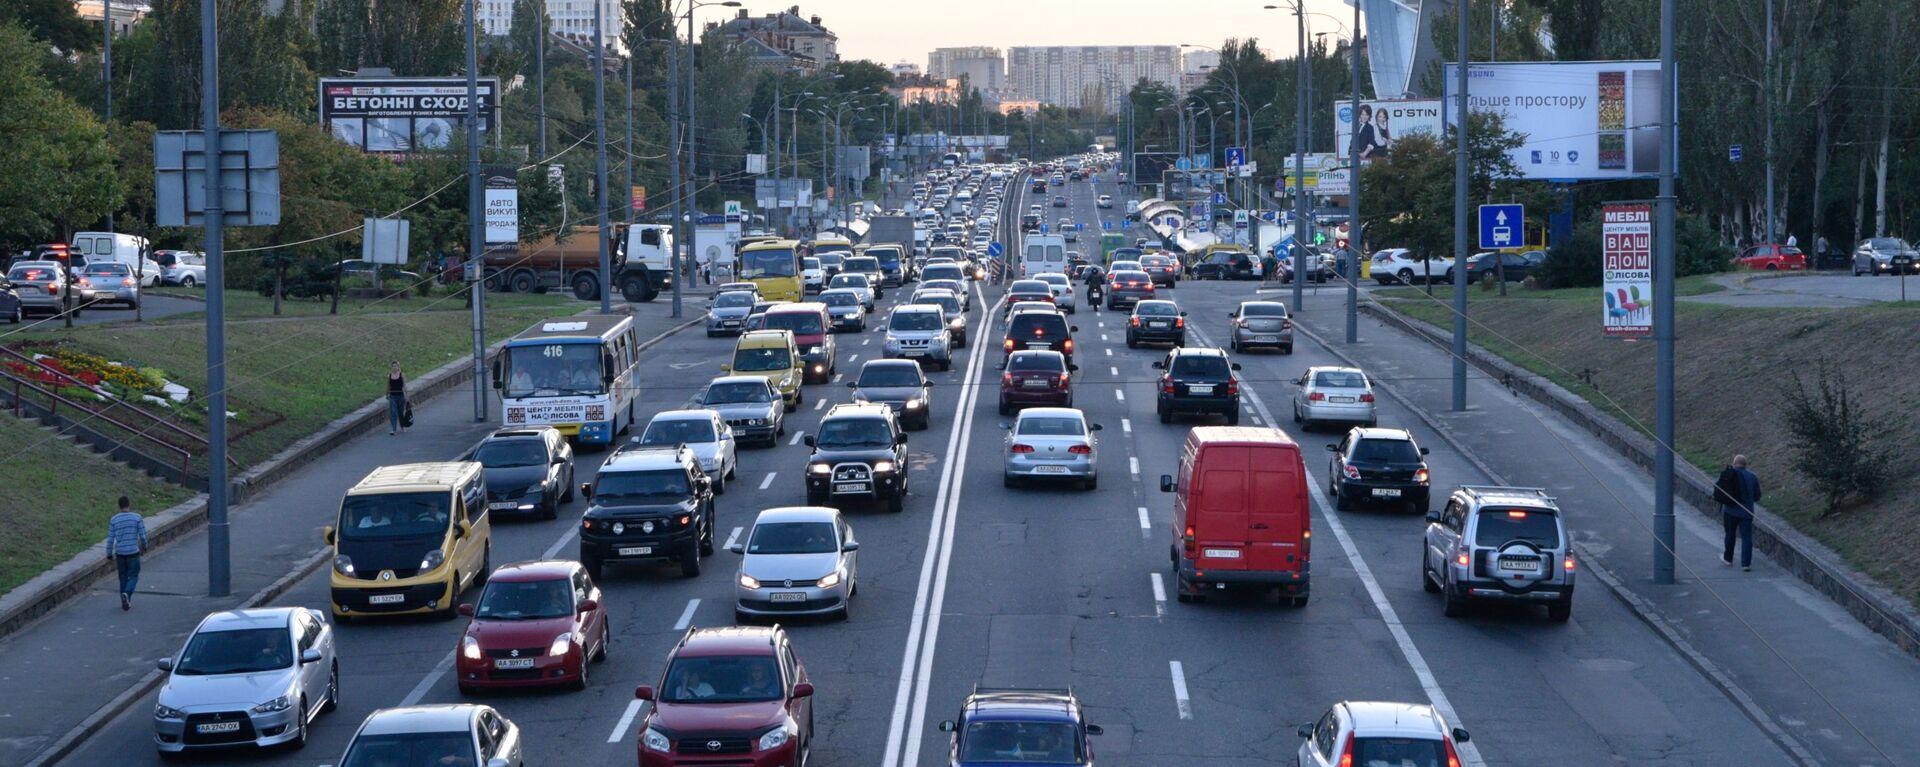 Ruch samochodowy na jednej z ulic w Kijowie - Sputnik Polska, 1920, 12.08.2019